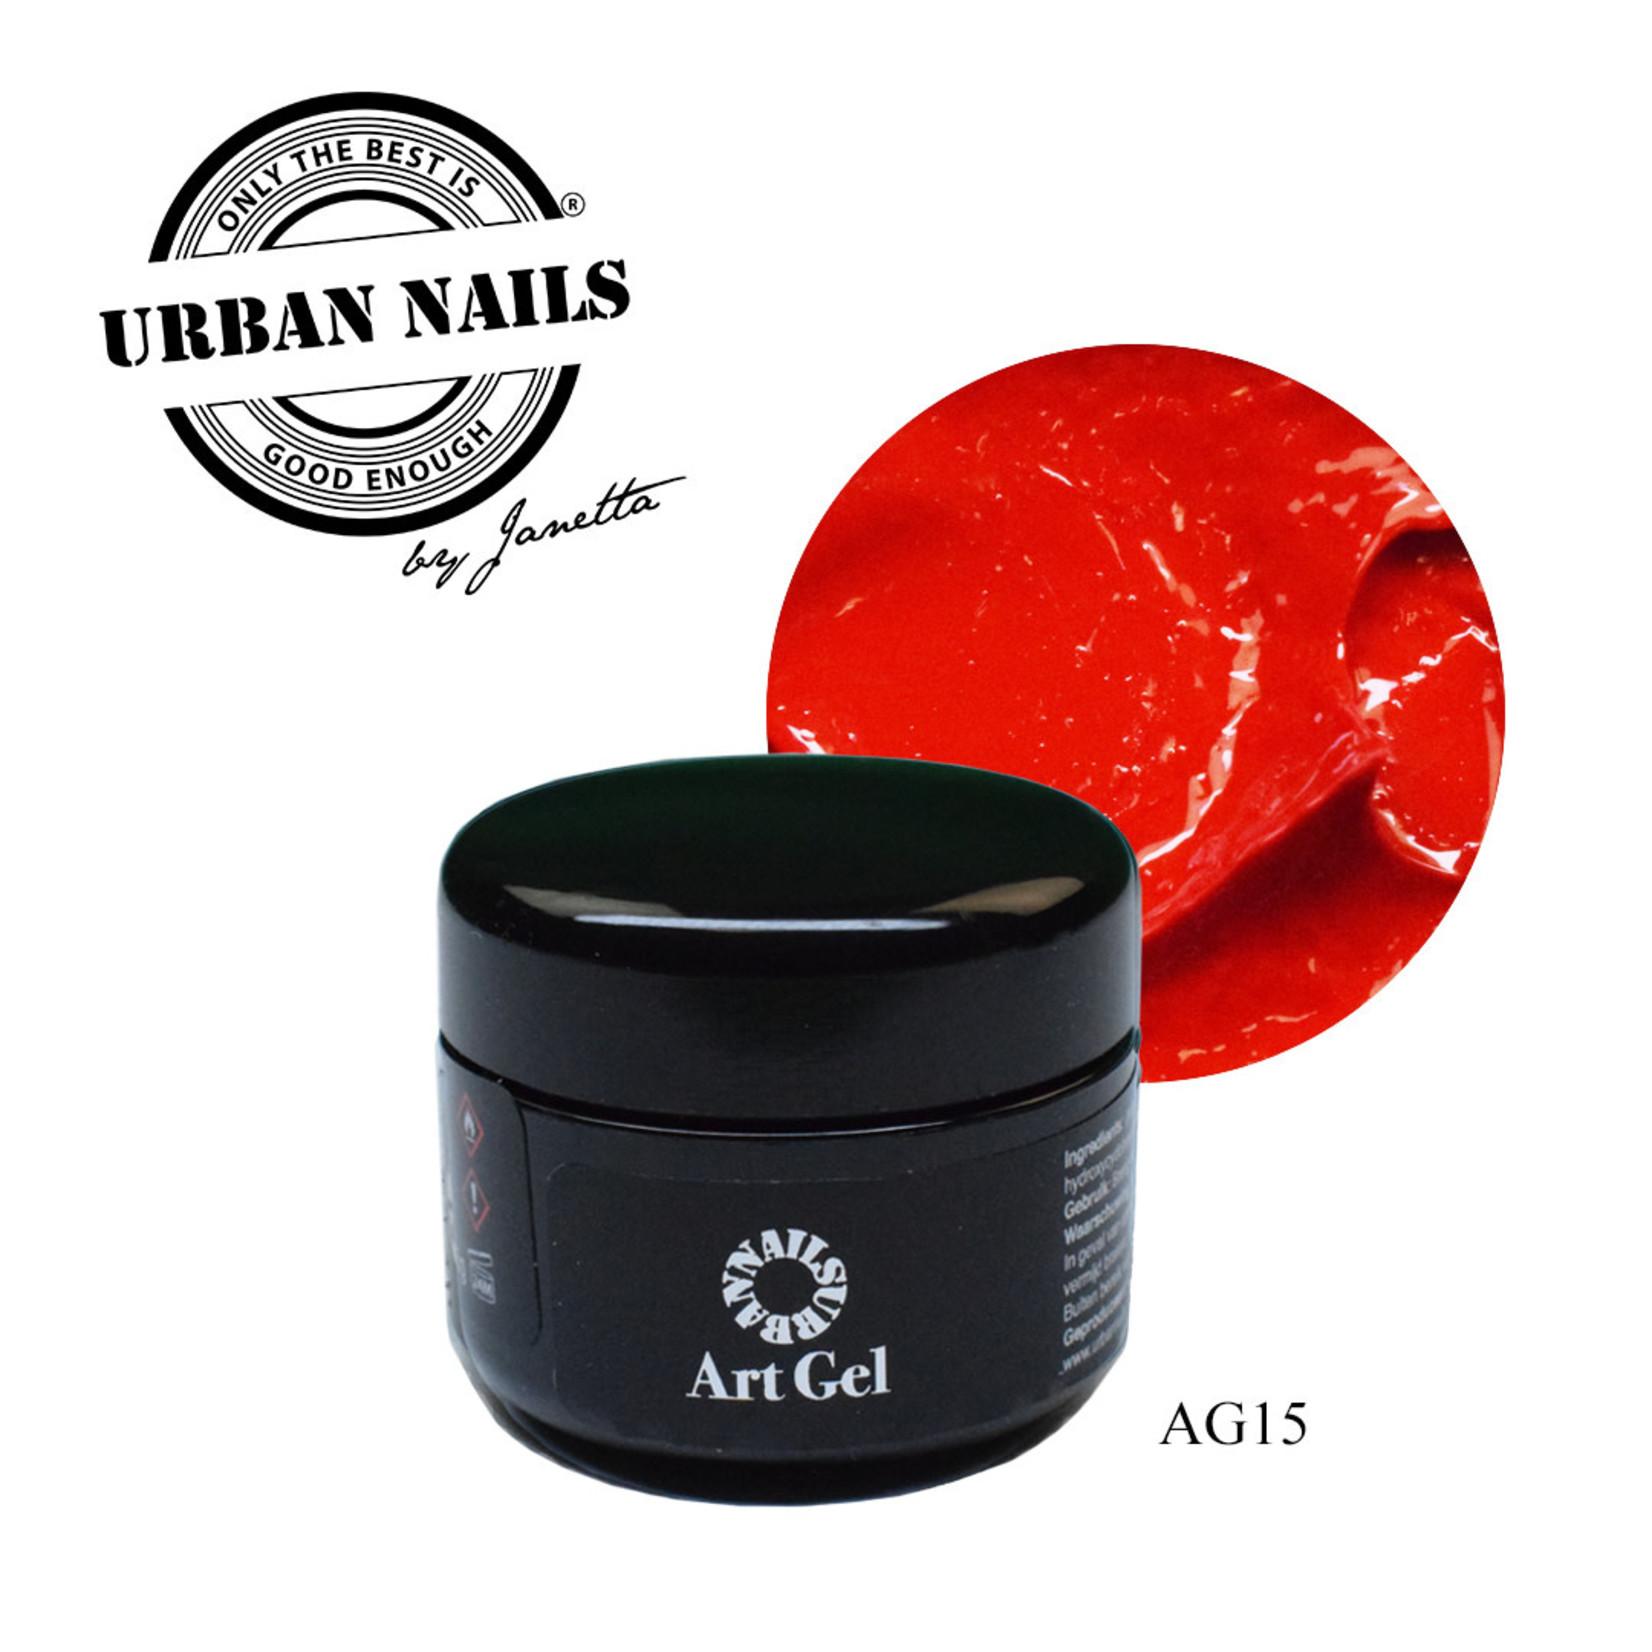 Urban Nails Art Gel 15 Helder Rood